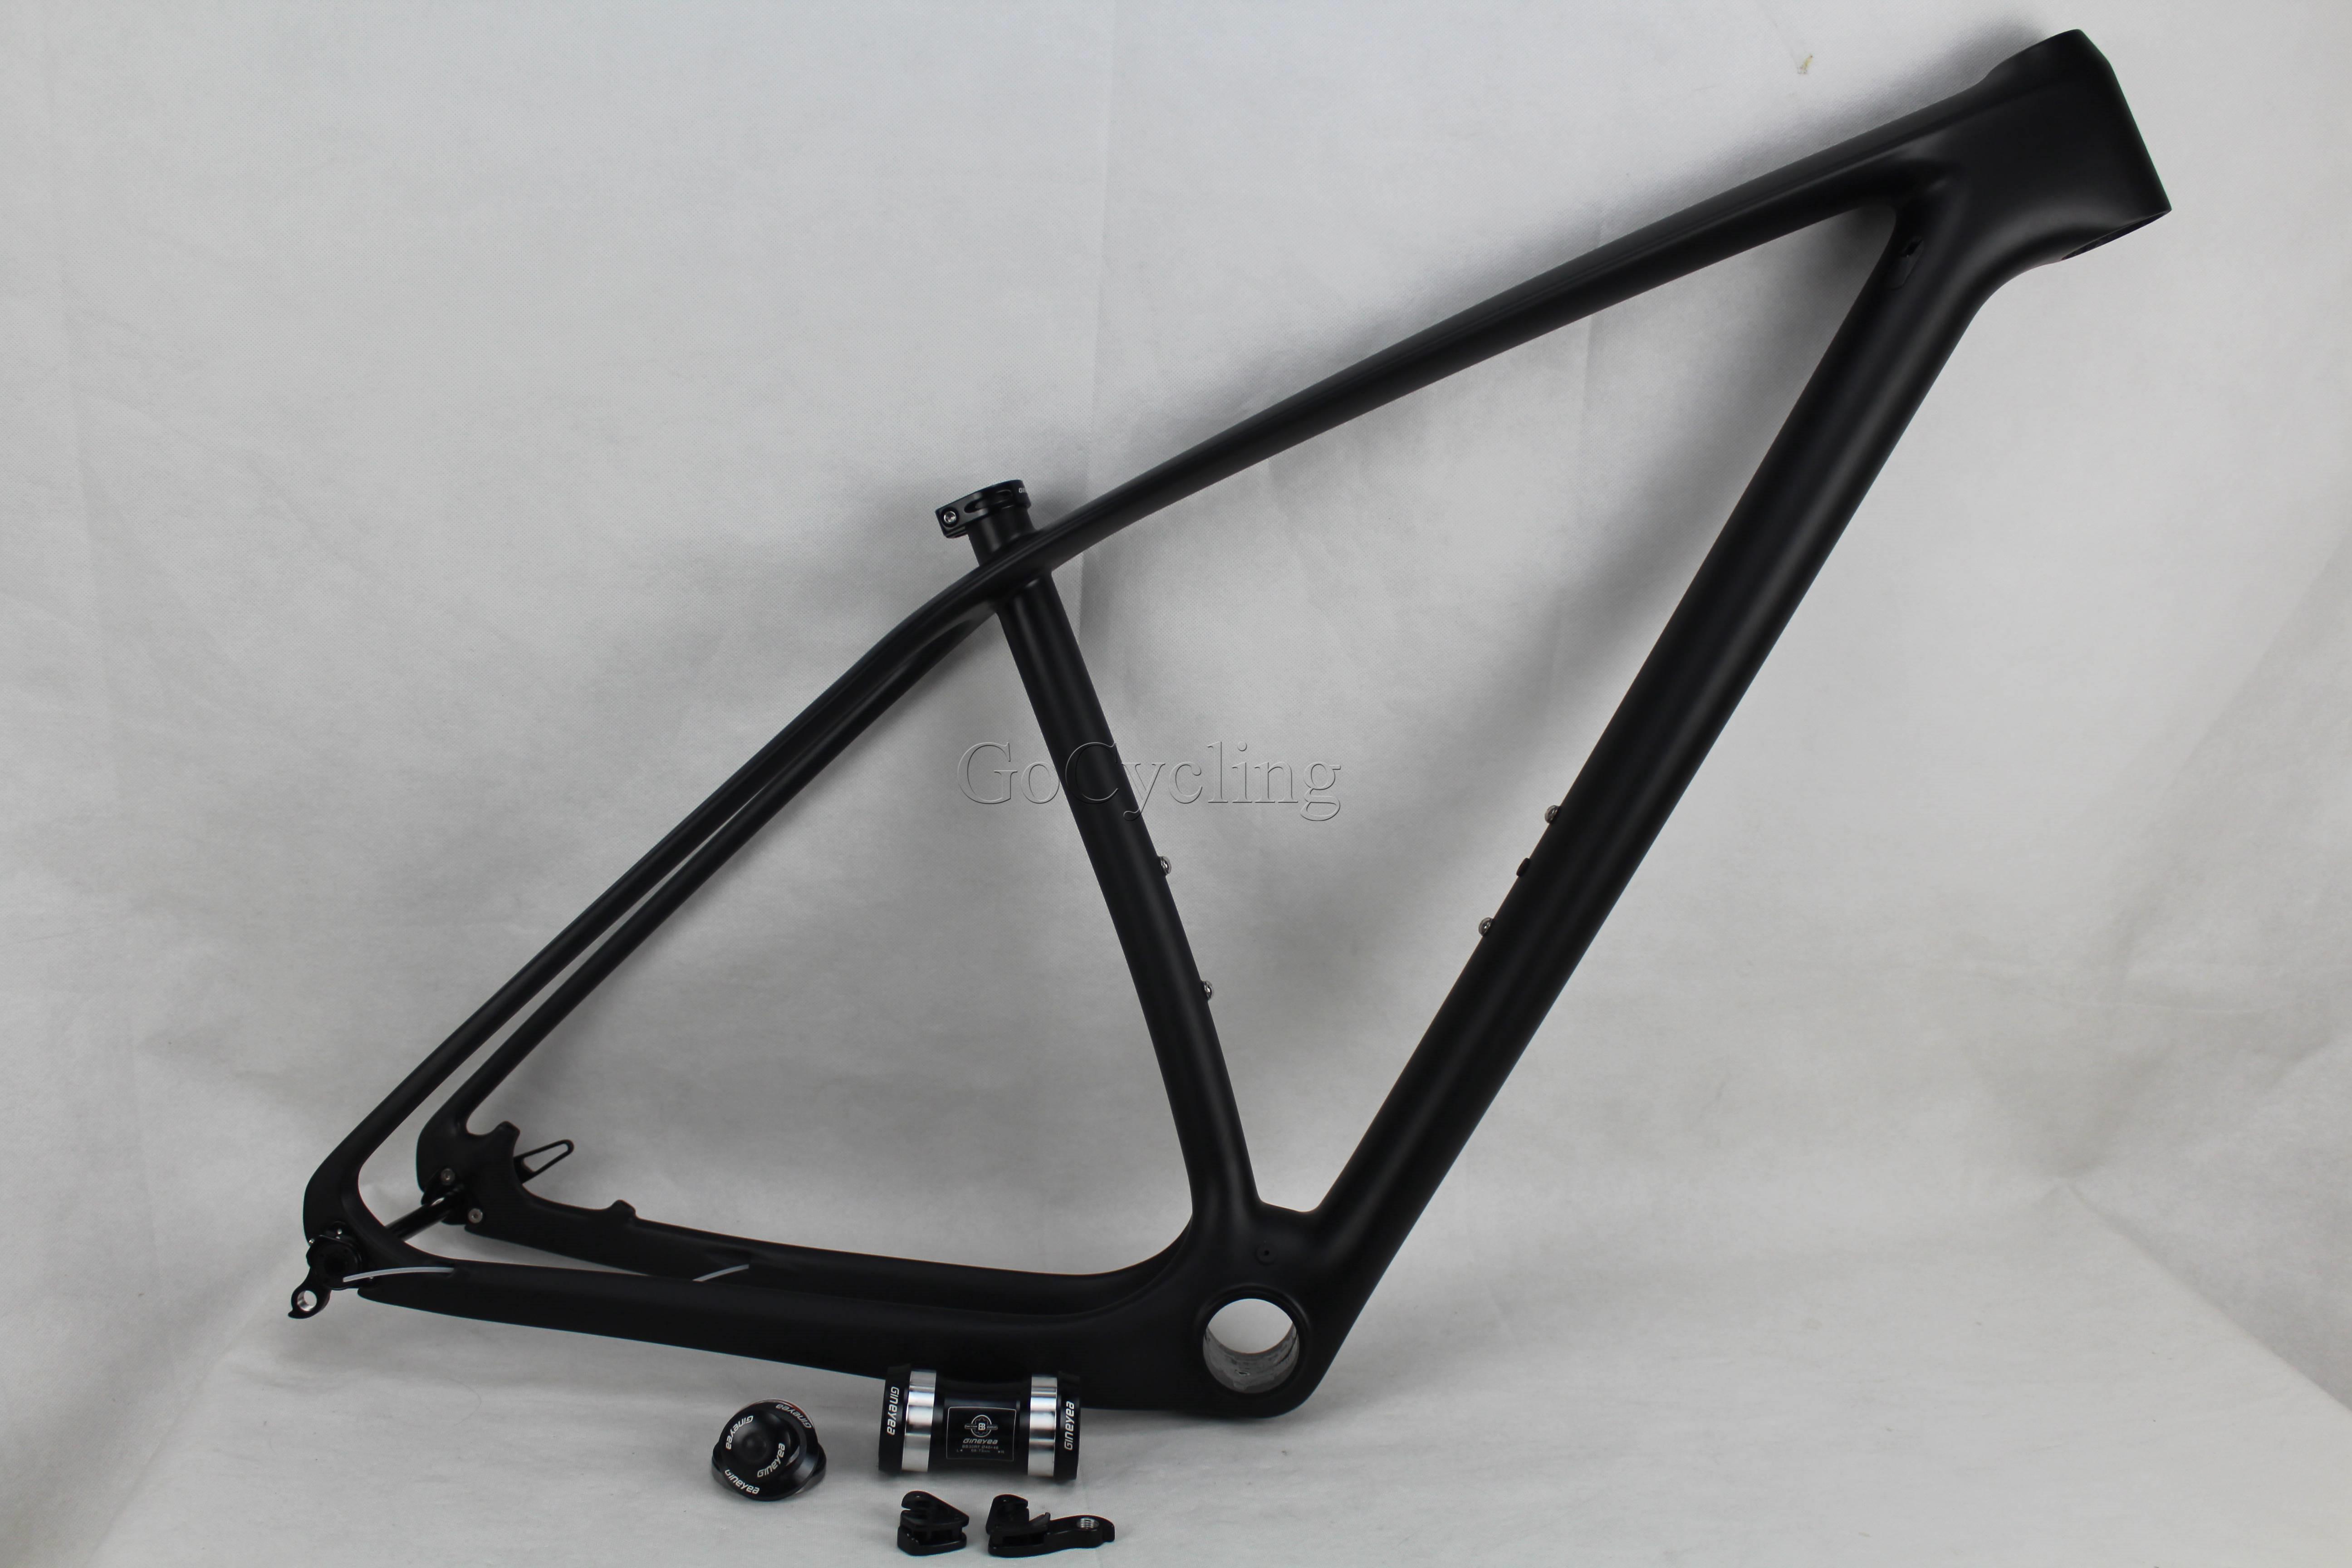 MTB frame 29er T800 full carbon frame 142x12 thru axle MTB carbon frame 29er 135x9 compatible